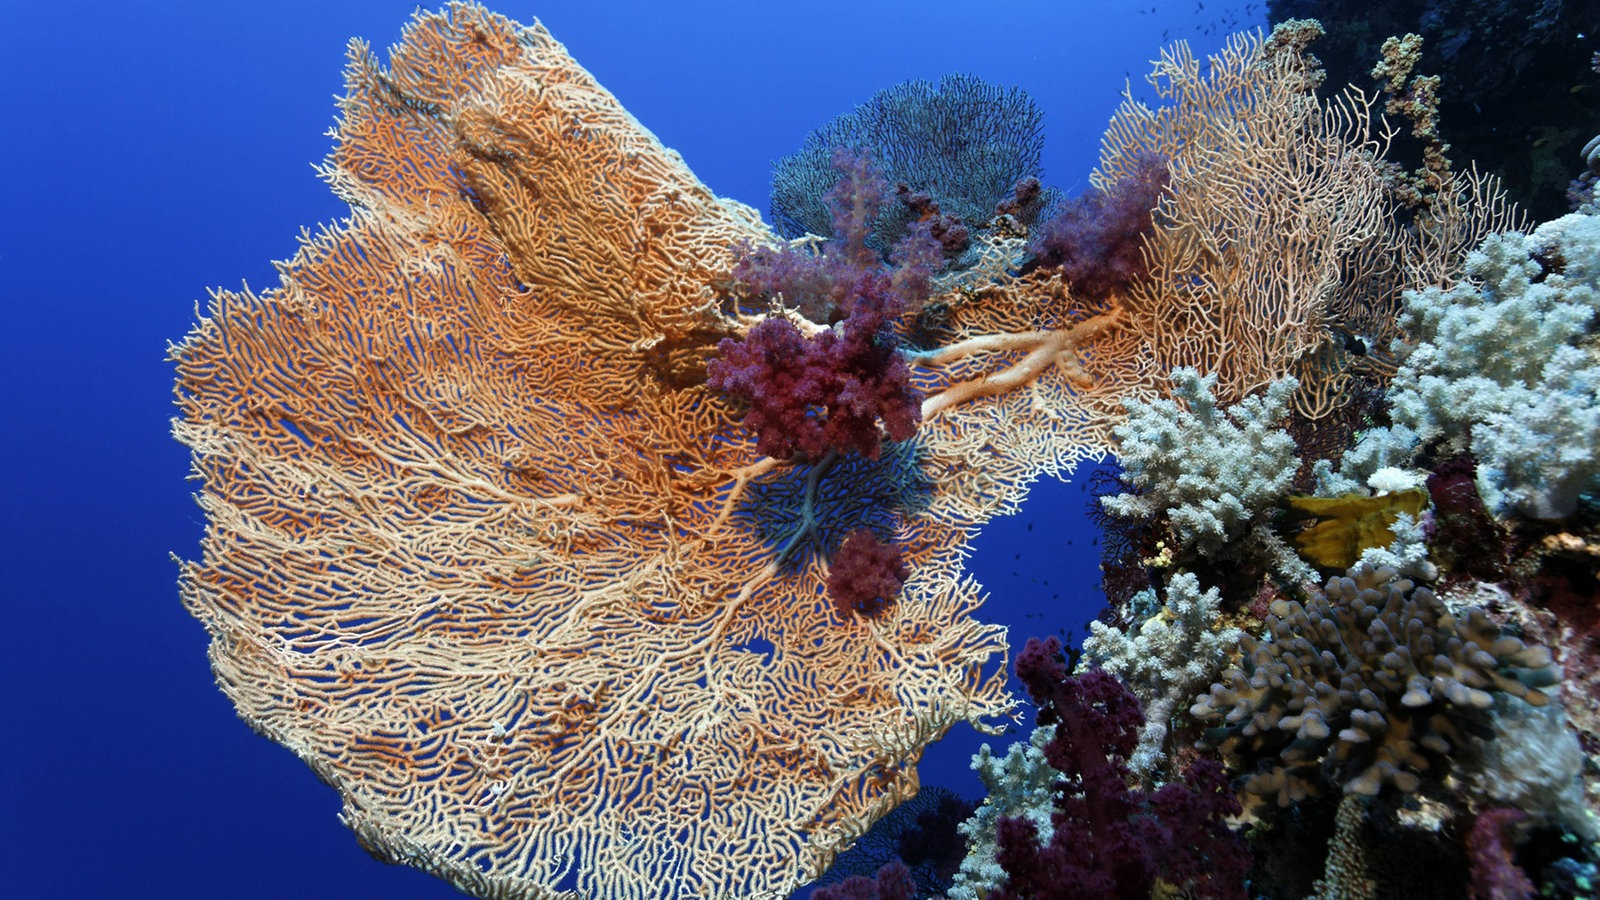 Das Rote Meer: Unterwasserwelt - Rotes Meer - Meer - Natur mit Warum Heißt Das Rote Meer Rotes Meer